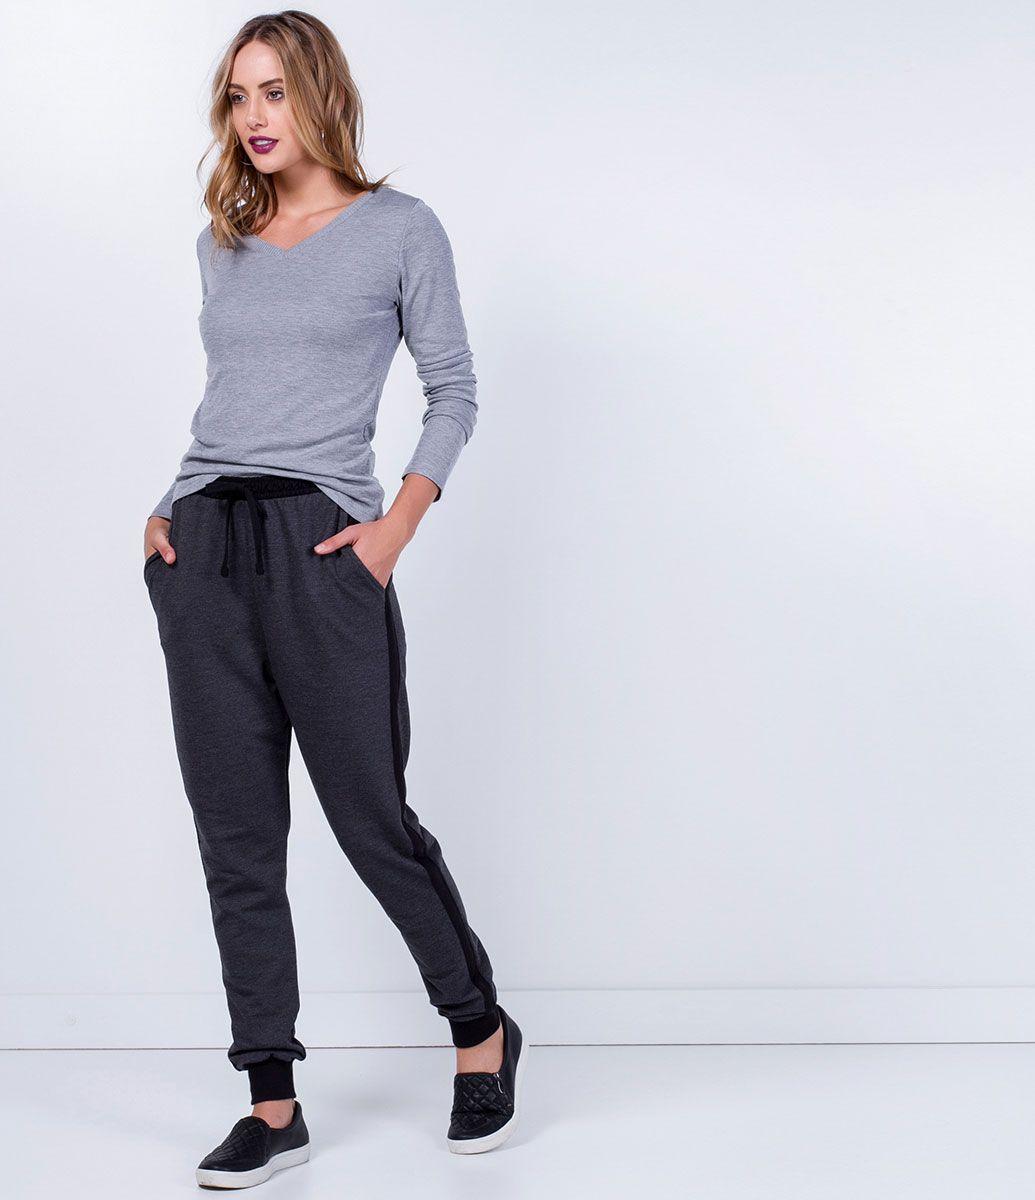 a36cce84f2eb8 Calça feminina Modelo jogger Com punho Listra lateral Com bolsos Amarração  na cintura Marca  Blue